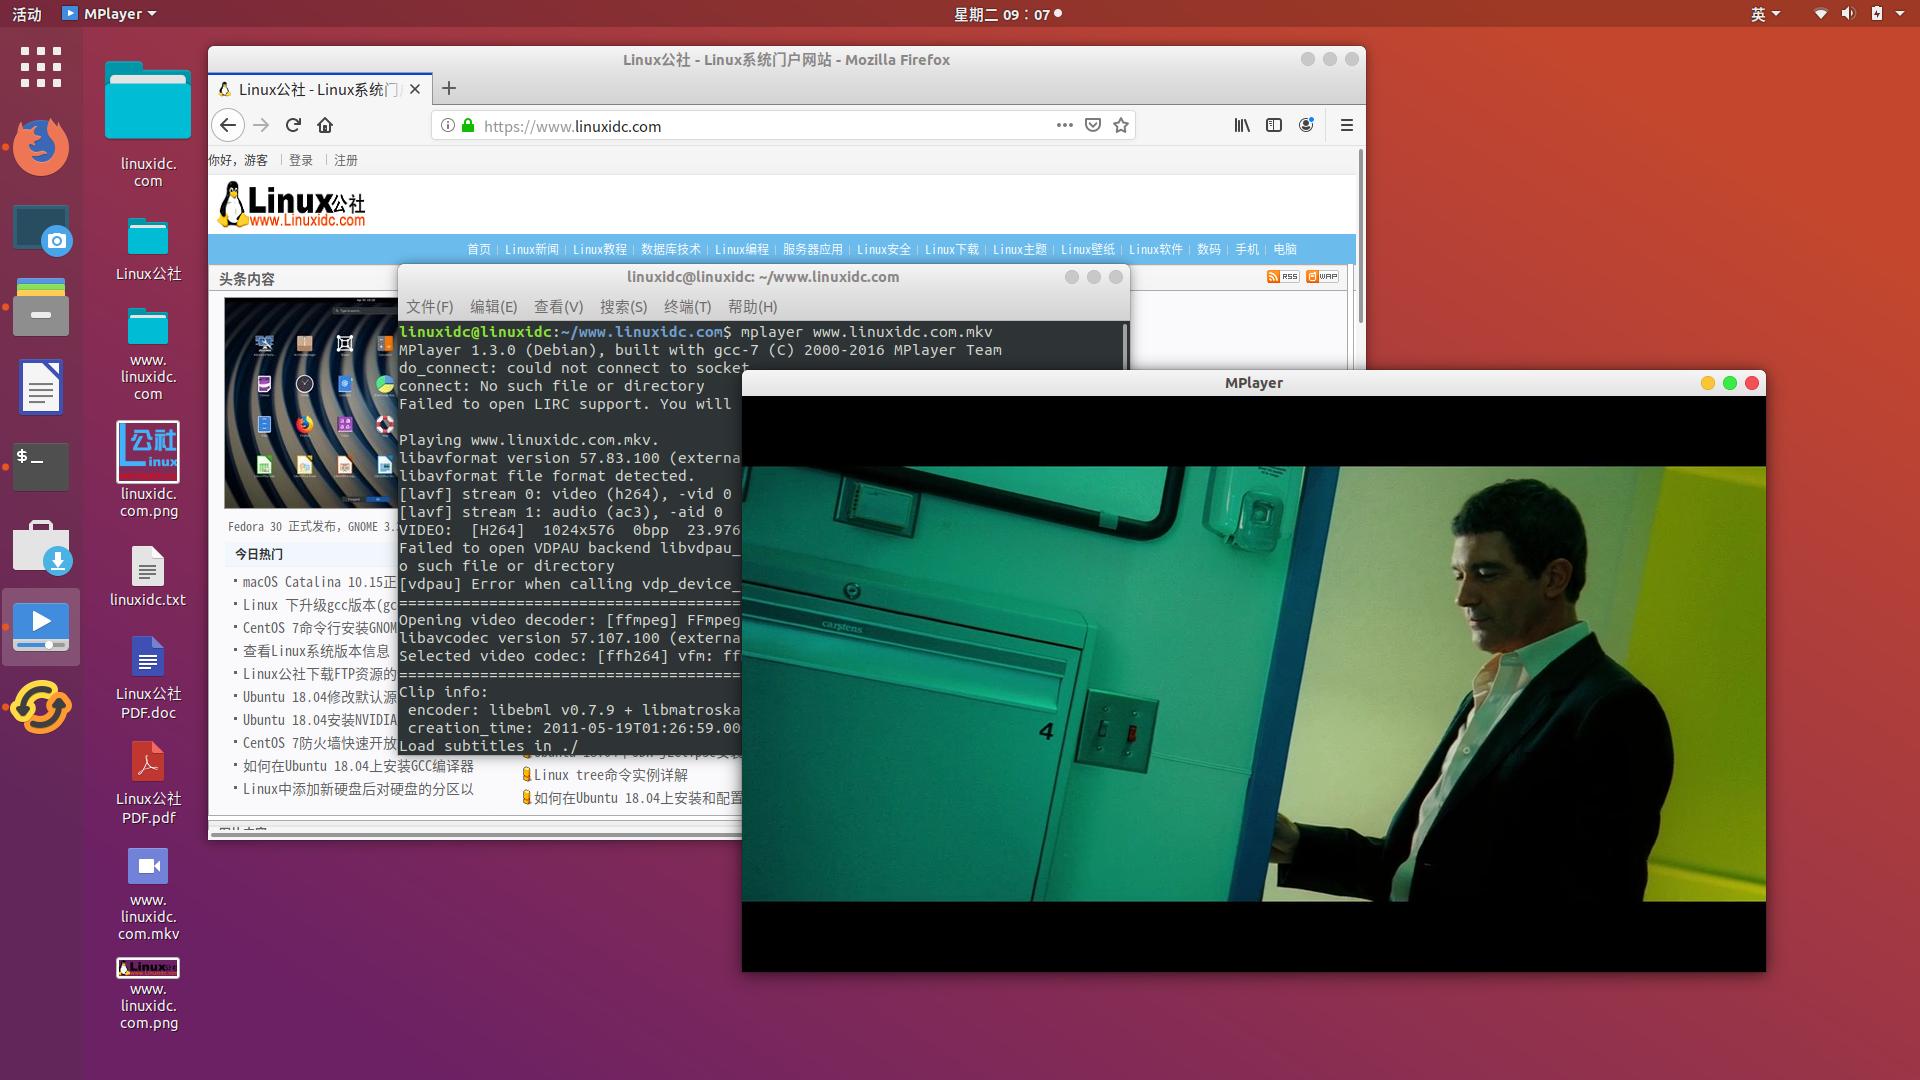 在Linux上安装和使用开源视频播放器MPlayer